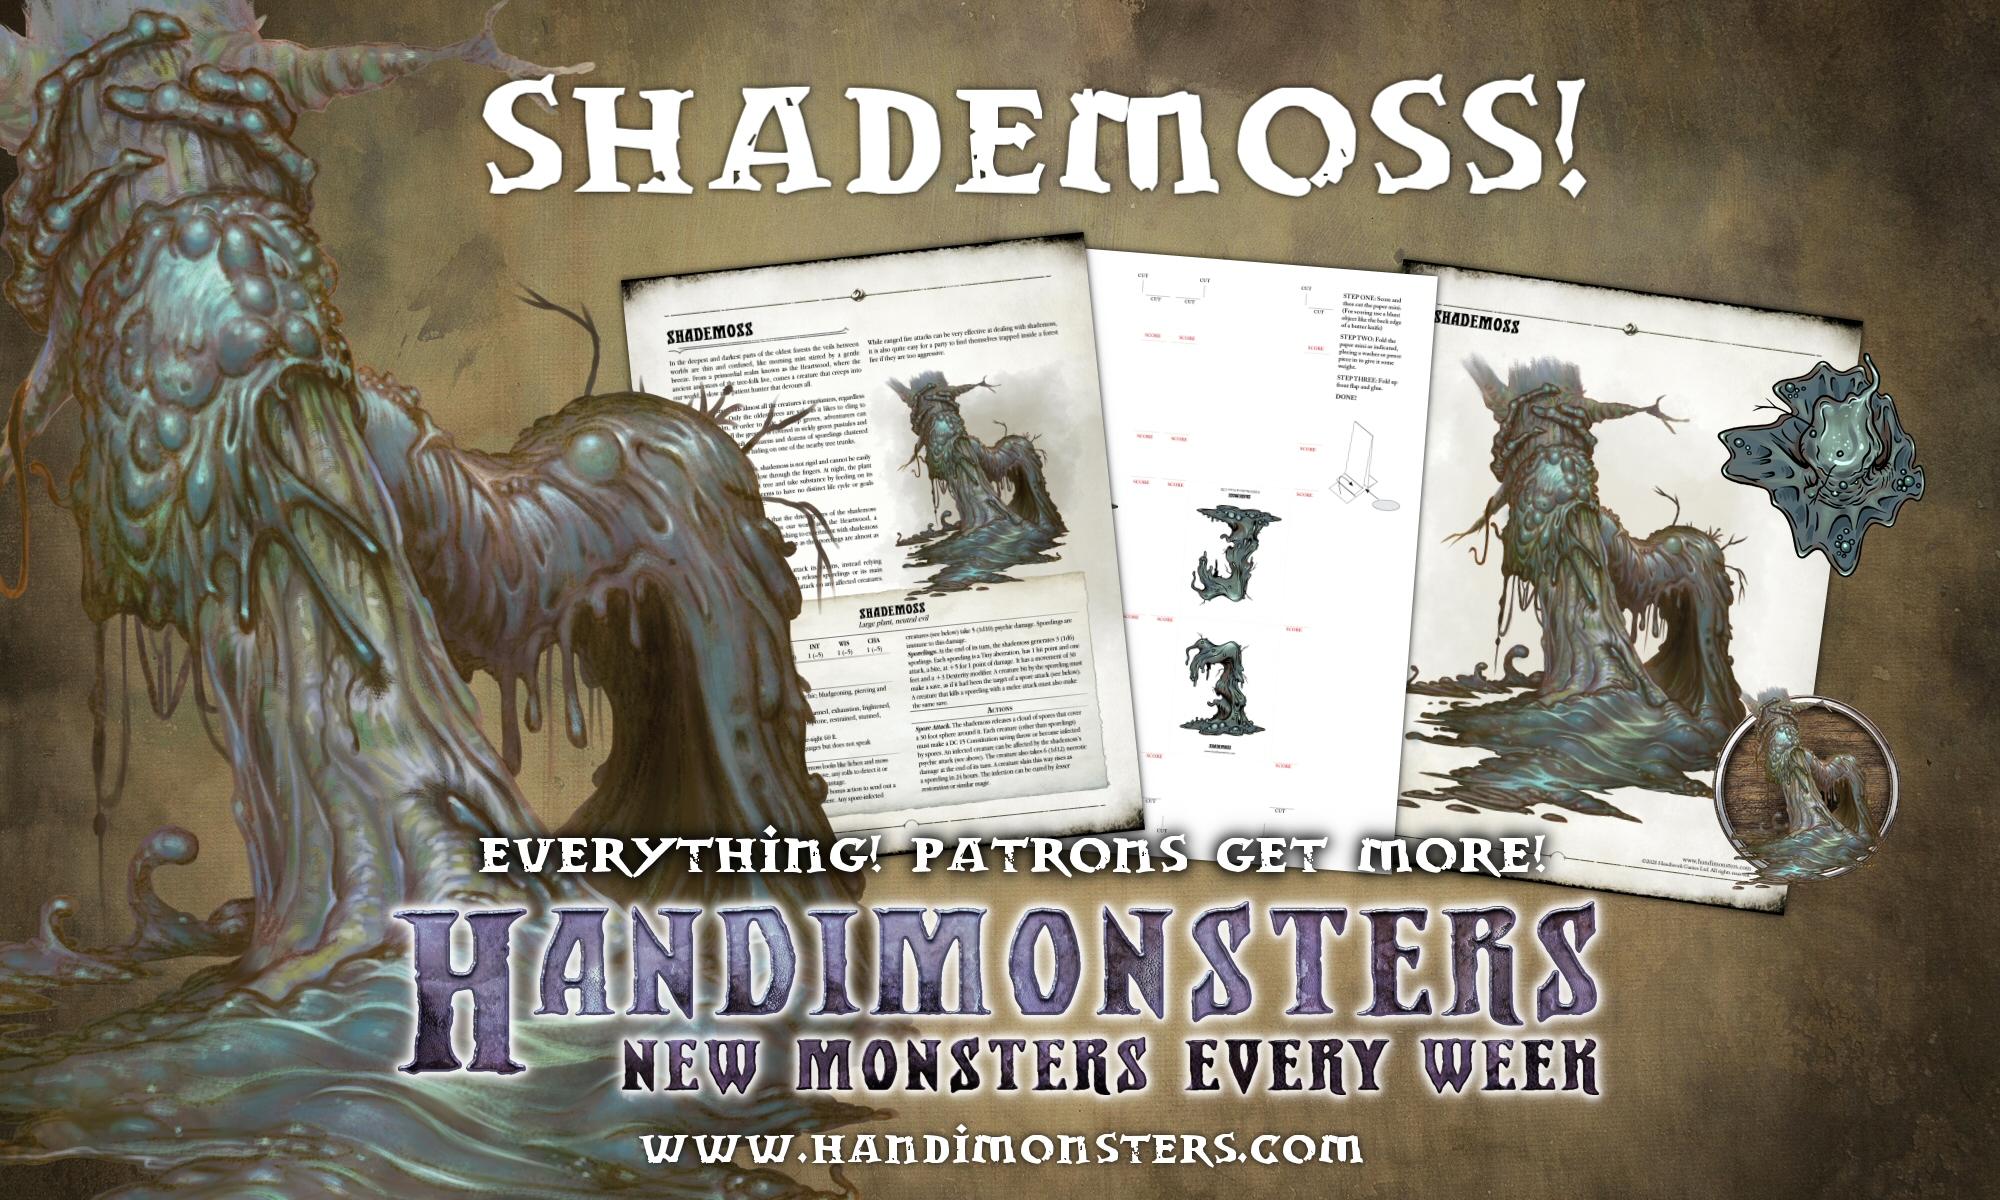 Shademoss-Everything-ad.jpg